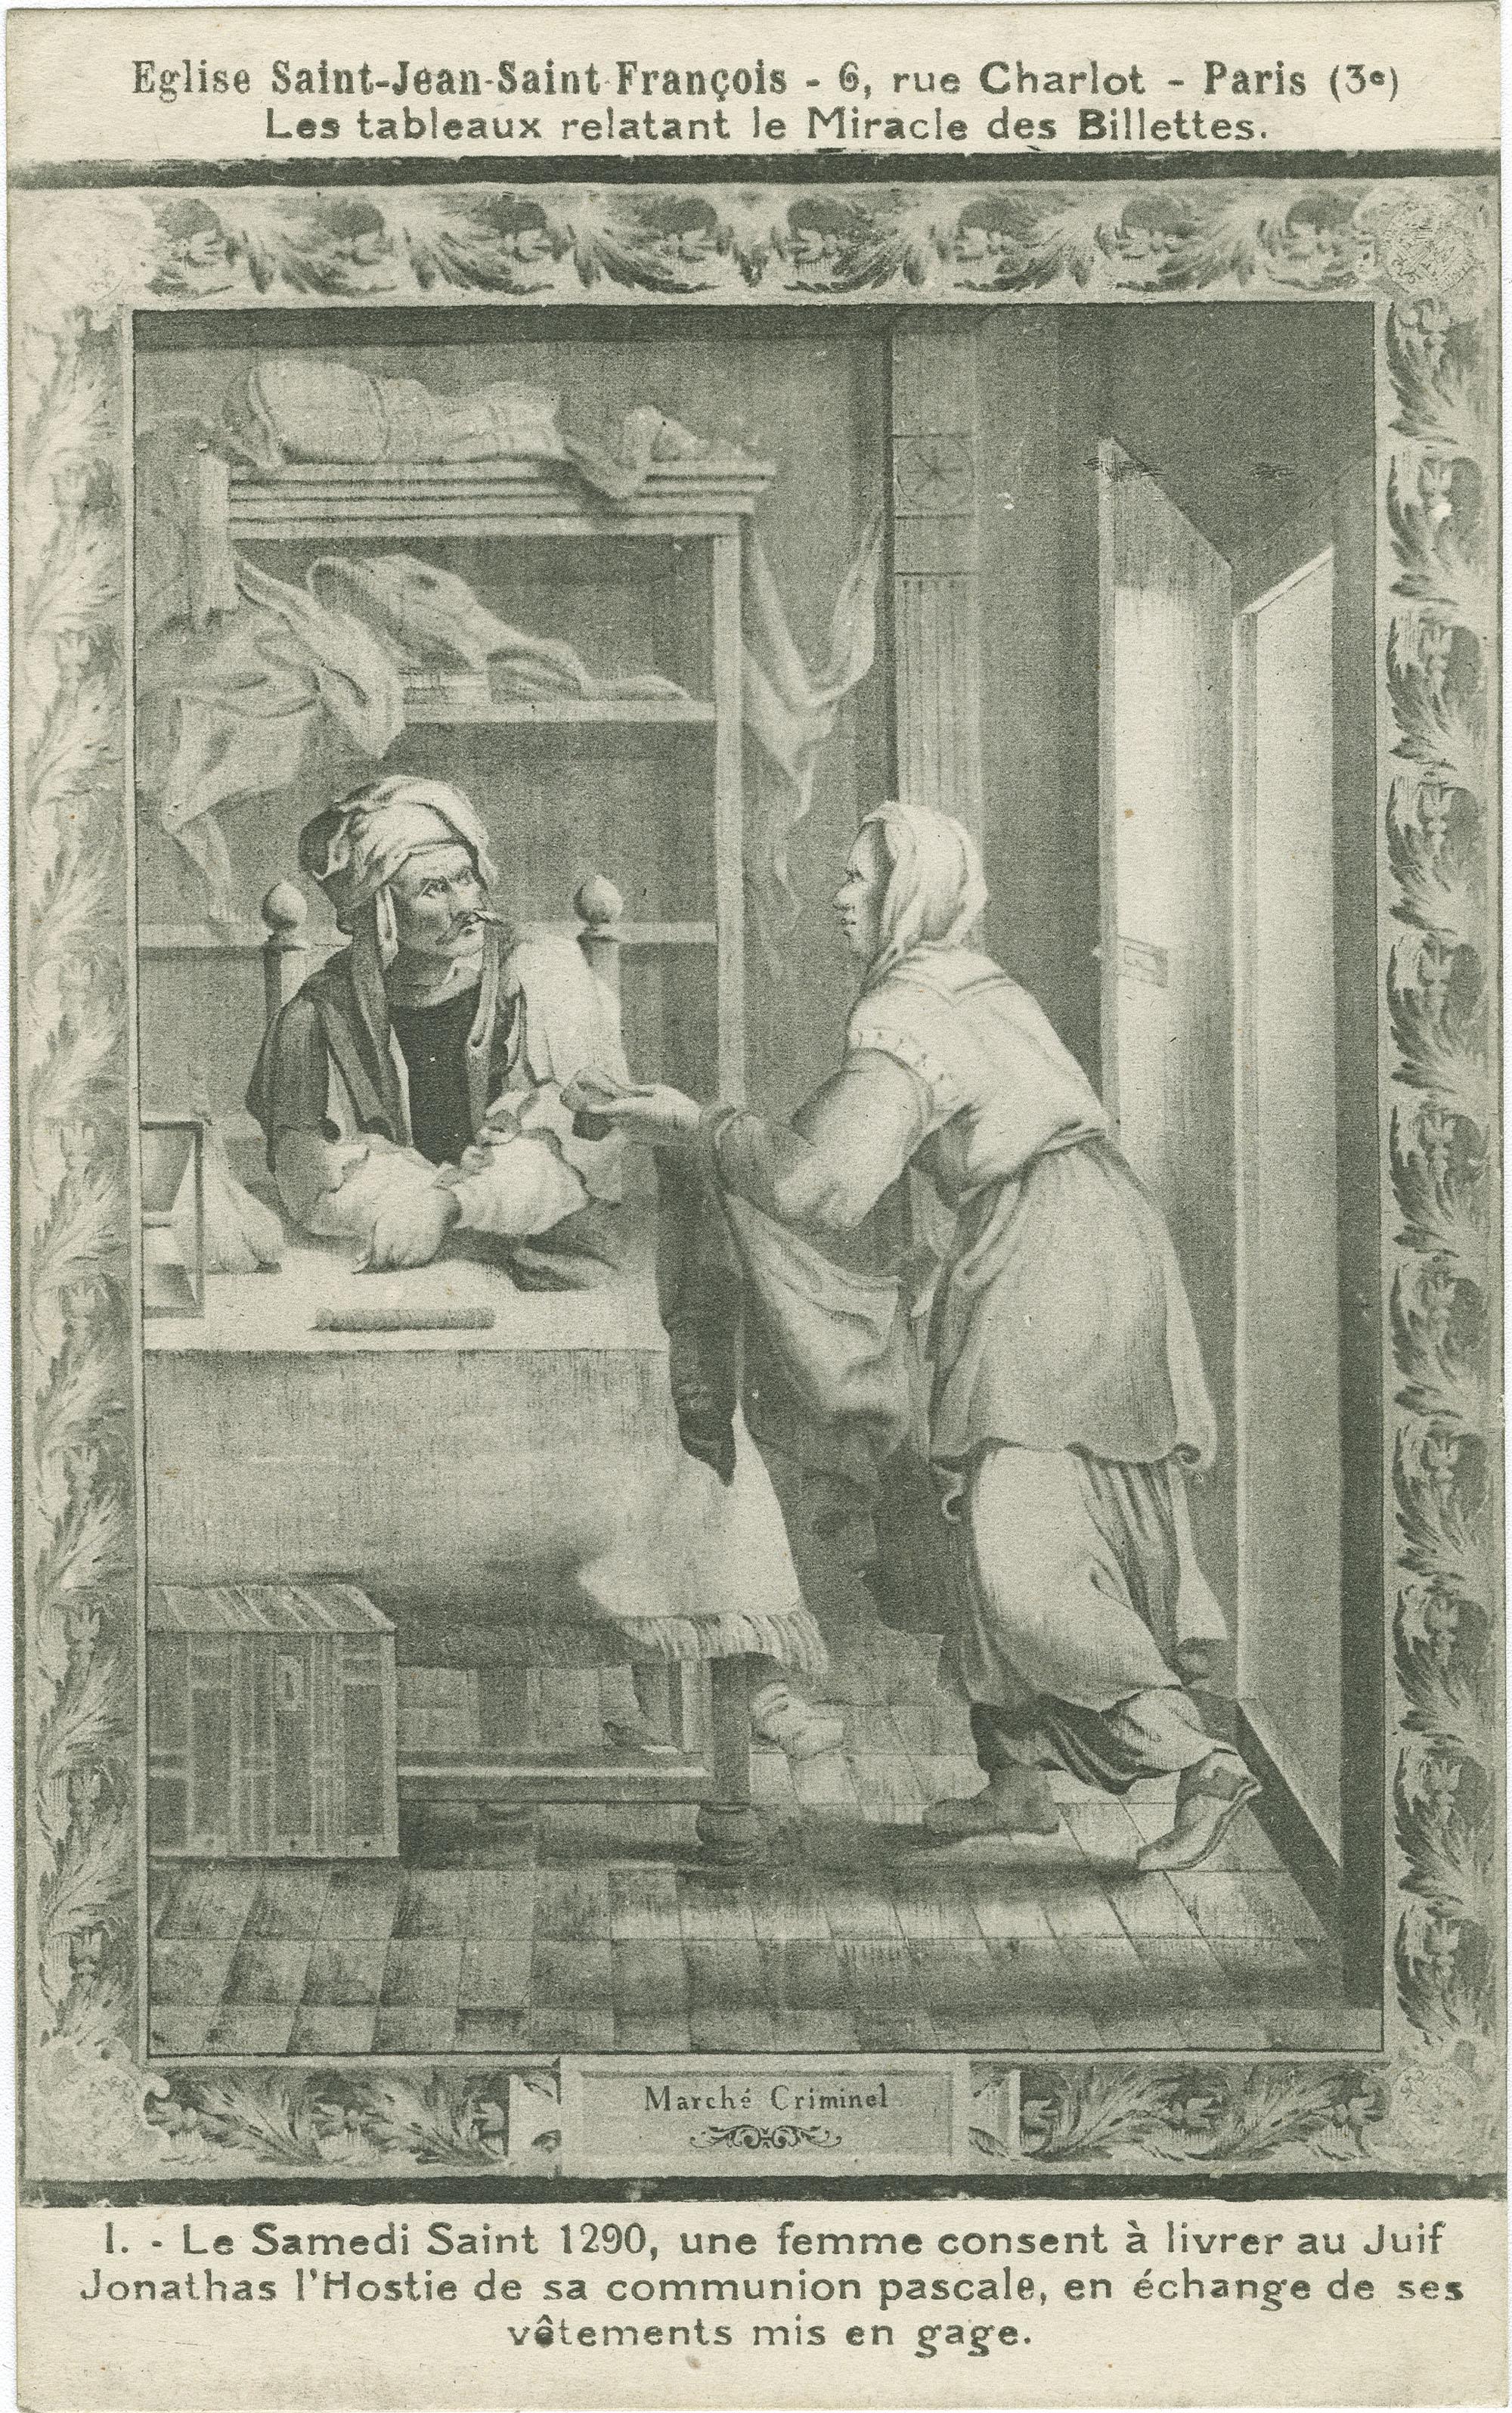 Le Samedi Saint 1290, une femme consent à livrer au Juif Jonathas l'Hostie de sa communion pascale, en échange de ses vêtements mis en gage.